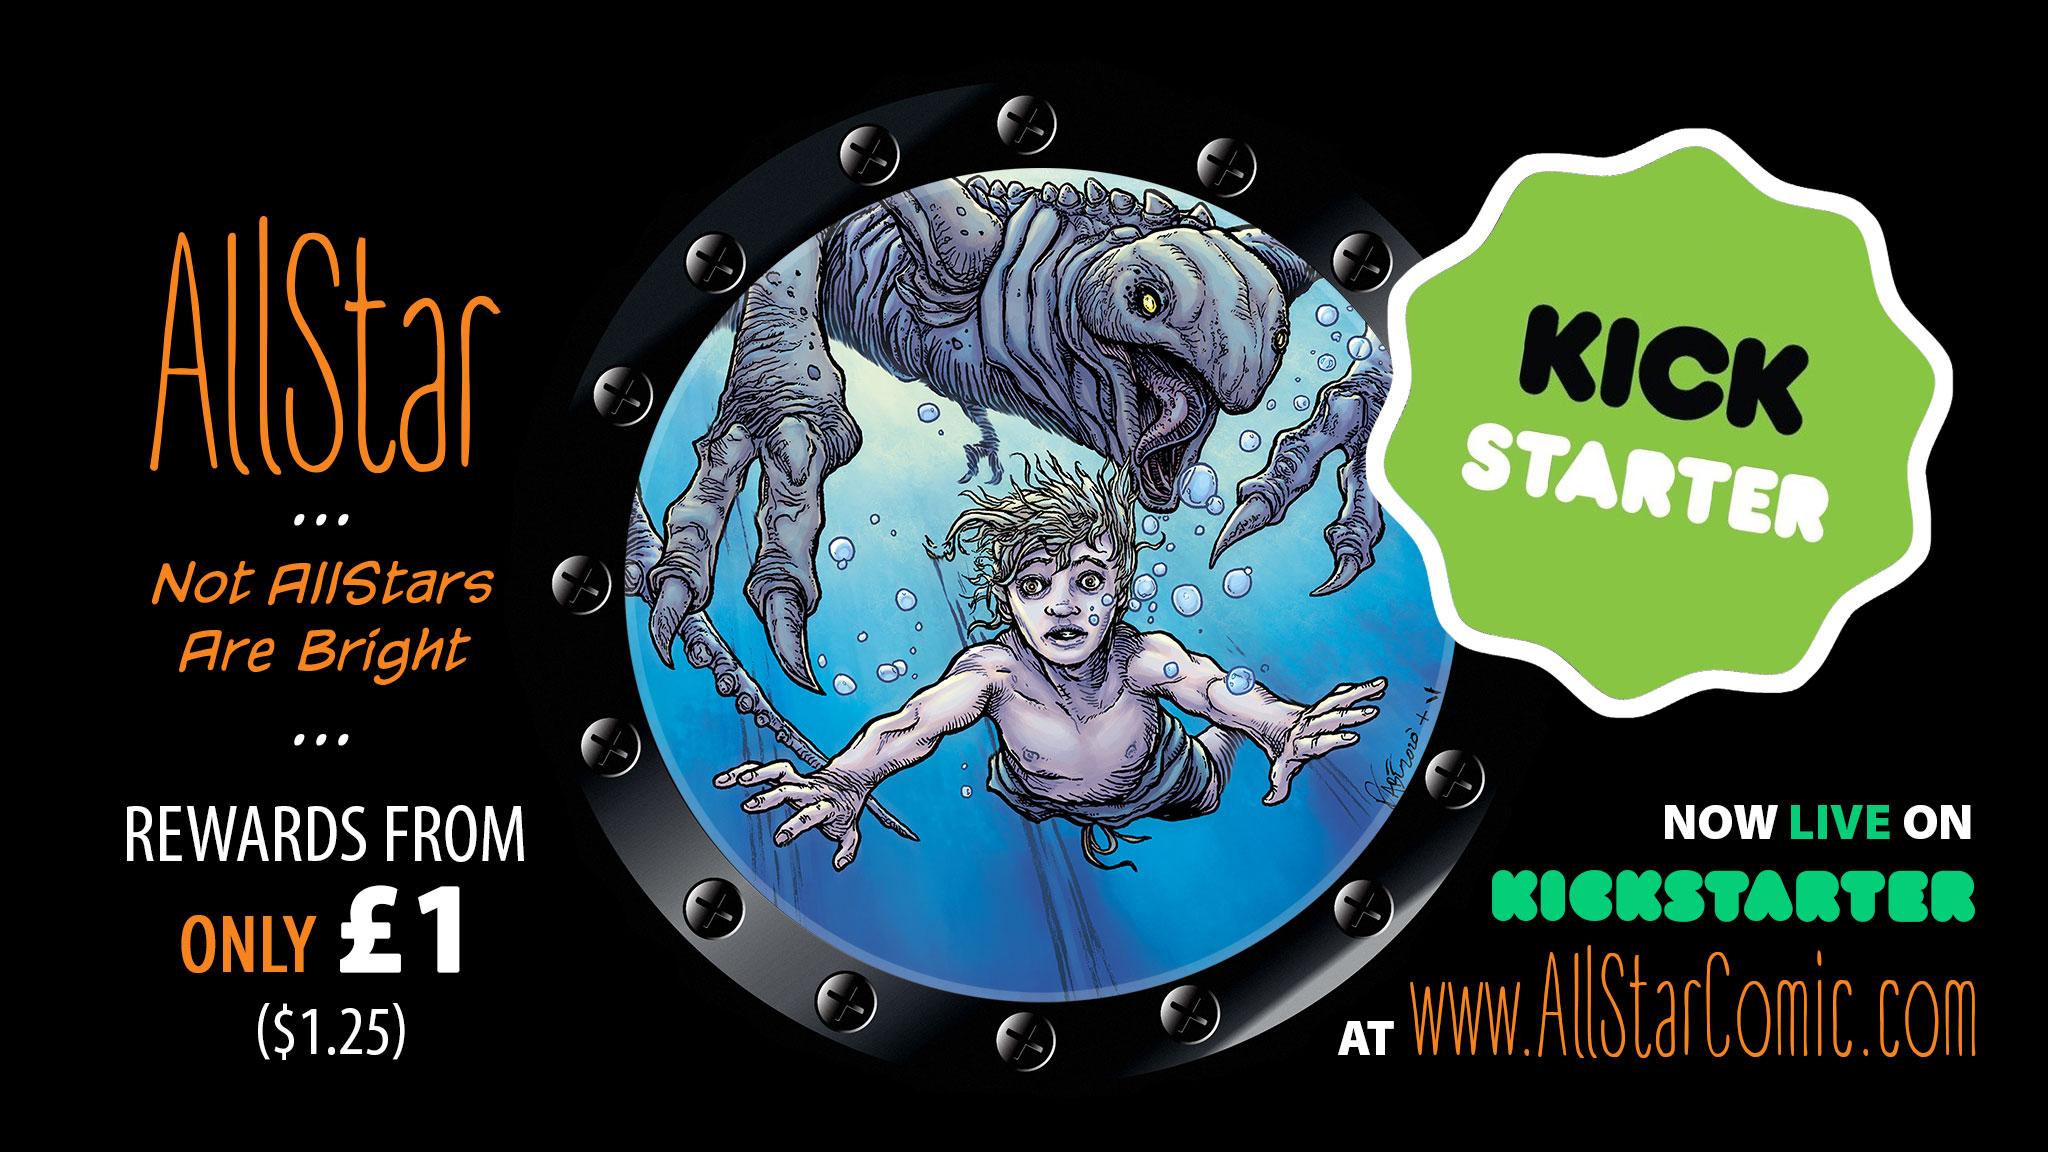 AllStar-Kickstarter-Live